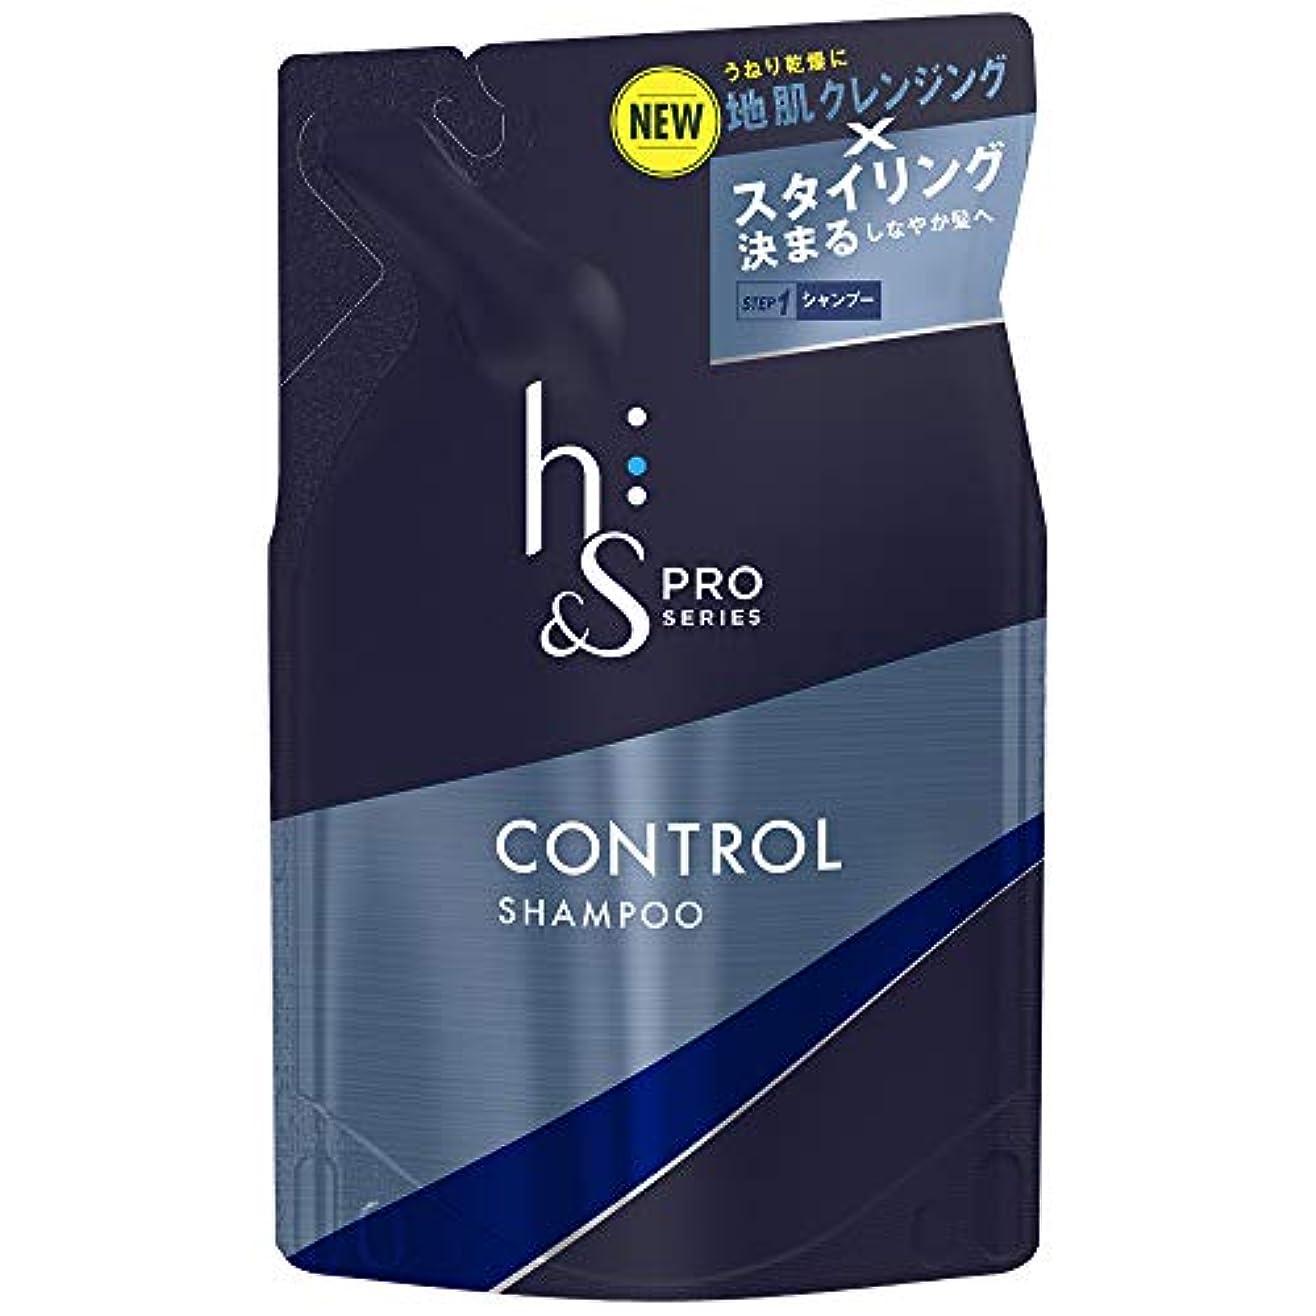 配送精算遠近法h&s PRO (エイチアンドエス プロ) メンズ シャンプー コントロール 詰め替え (スタイリング重視) 300mL